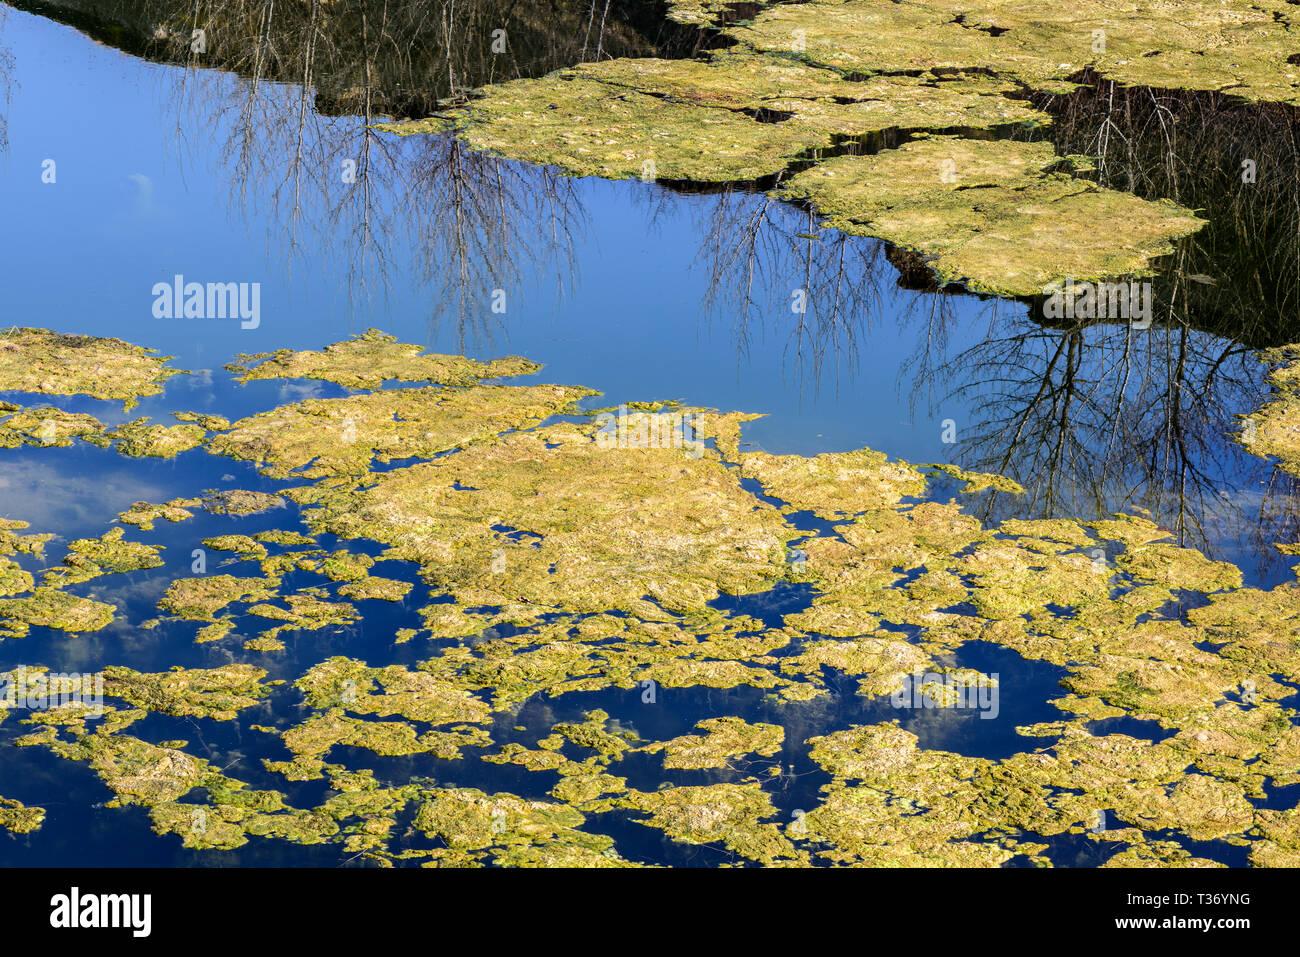 El agua estancada fondo con algas. Clúster de algas verdes. Foto de stock